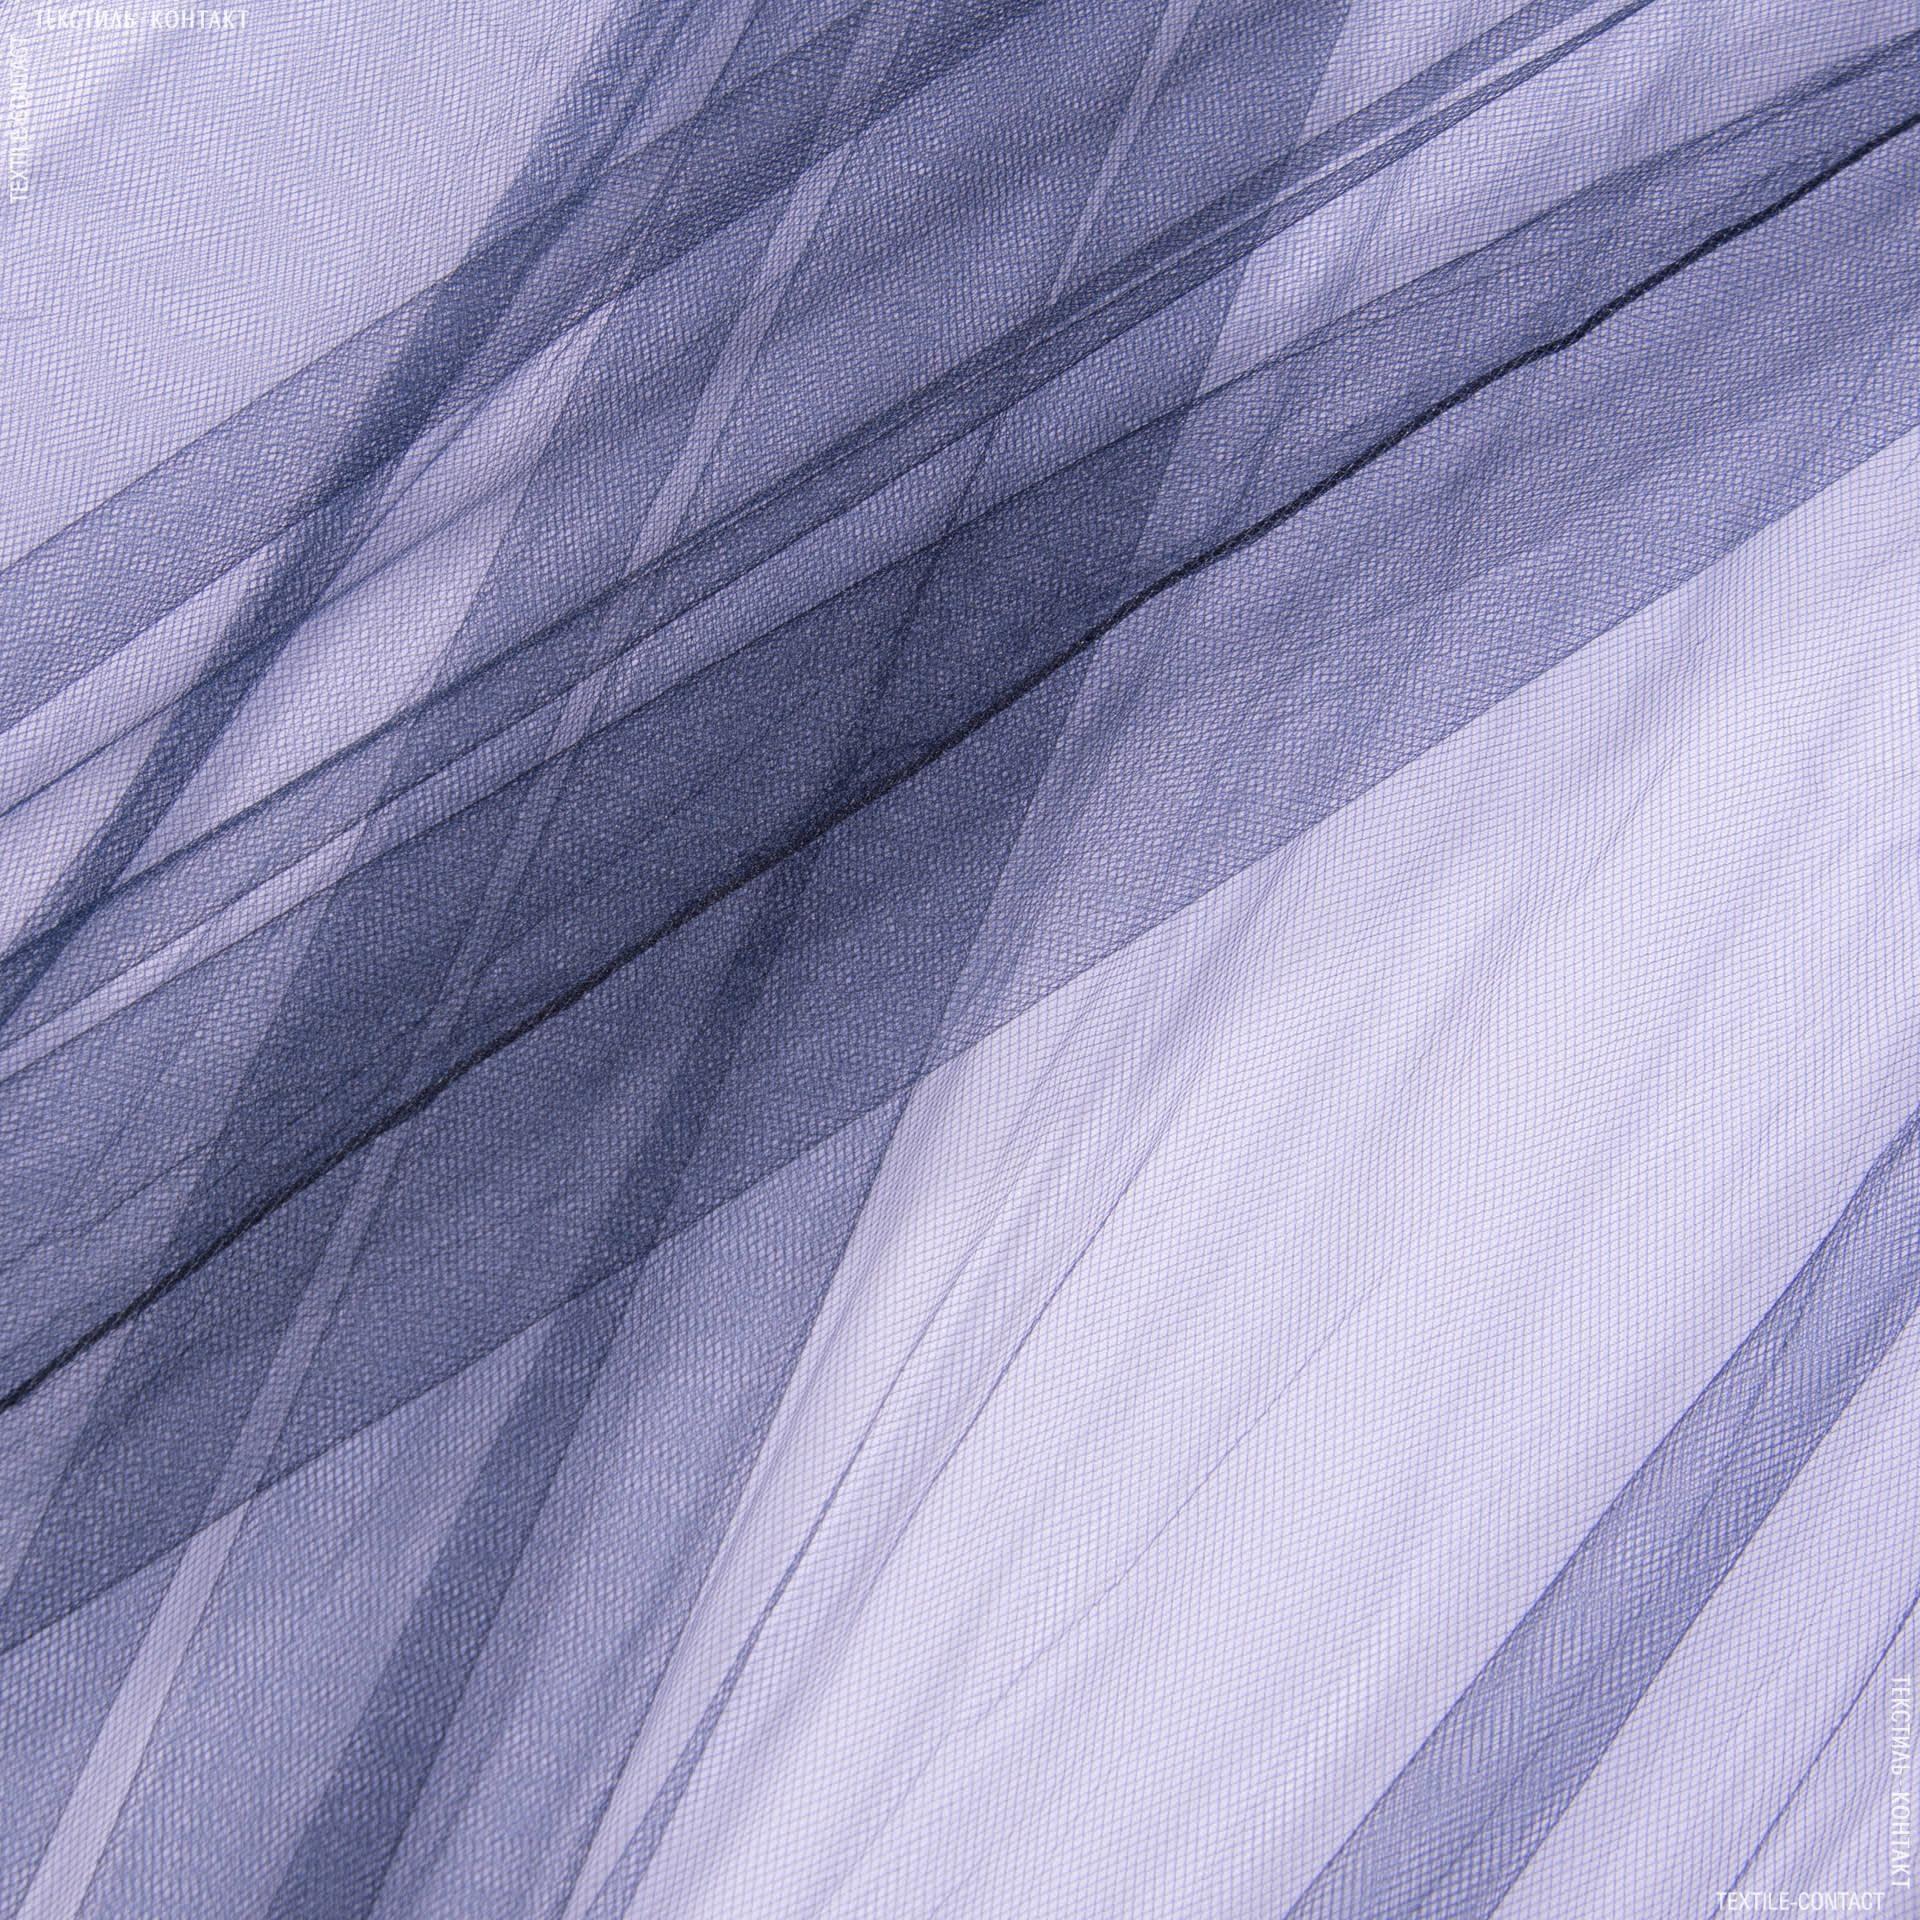 Ткани для платьев - Фатин блестящий вороново крыло